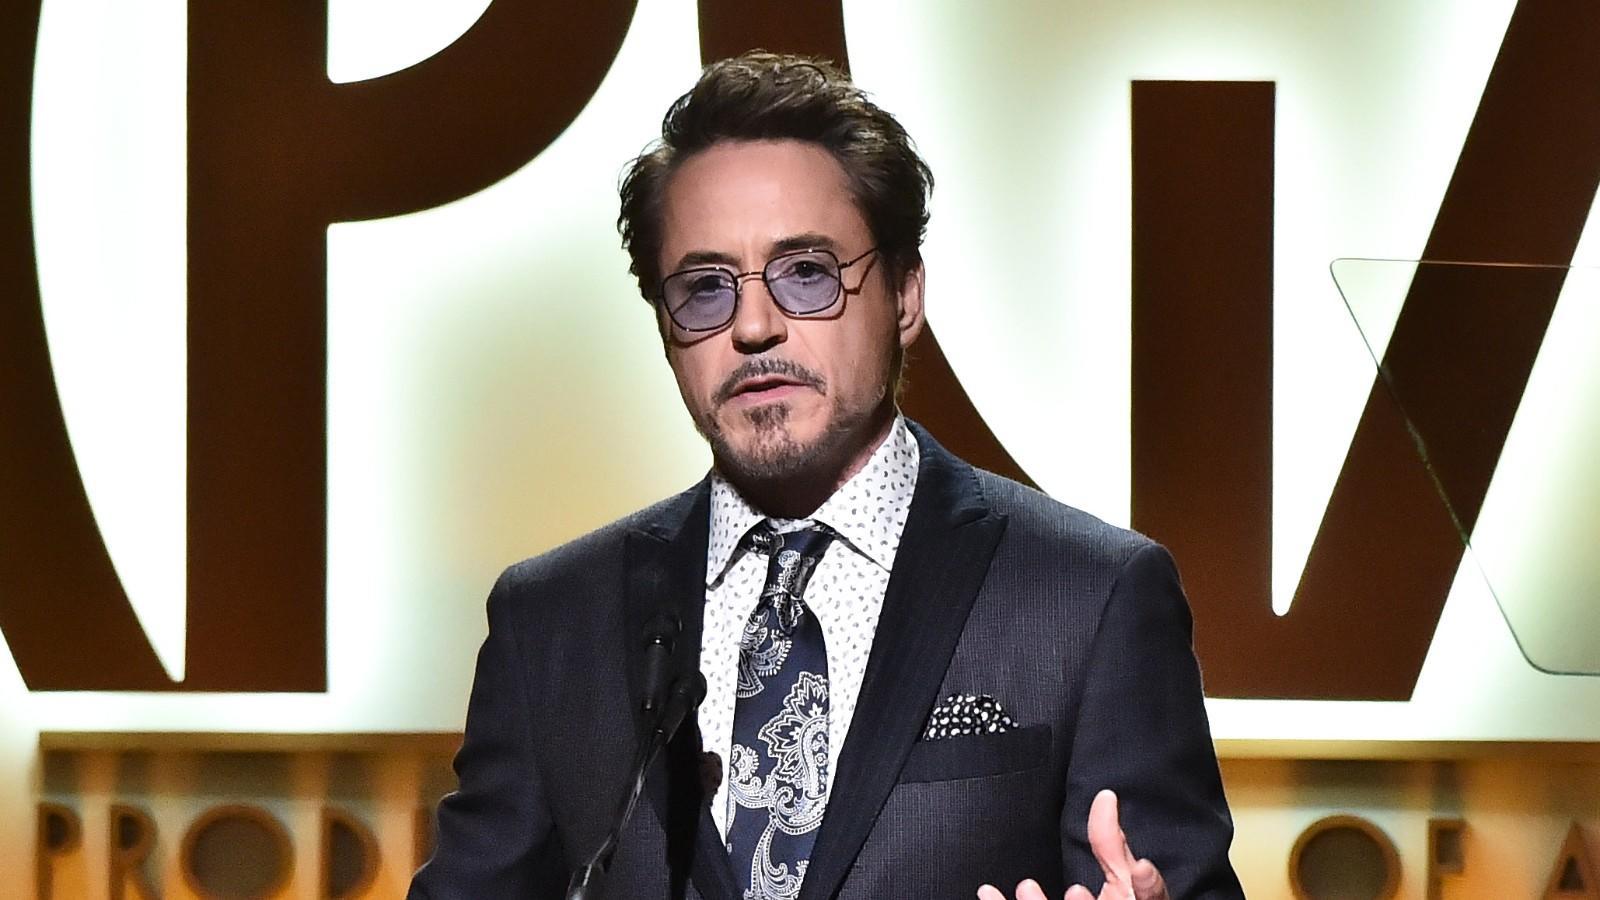 Robert Downey Jr. Tony Stark szerepére született, ám ha ehhez még hozzáadjuk a készülő Doctor Dolittle utazása című, 2020-ra belebegtetett moziját is, akkor a Vasember lassan eléri a kilenc nullások ligáját. (REX/ Shutterstock)